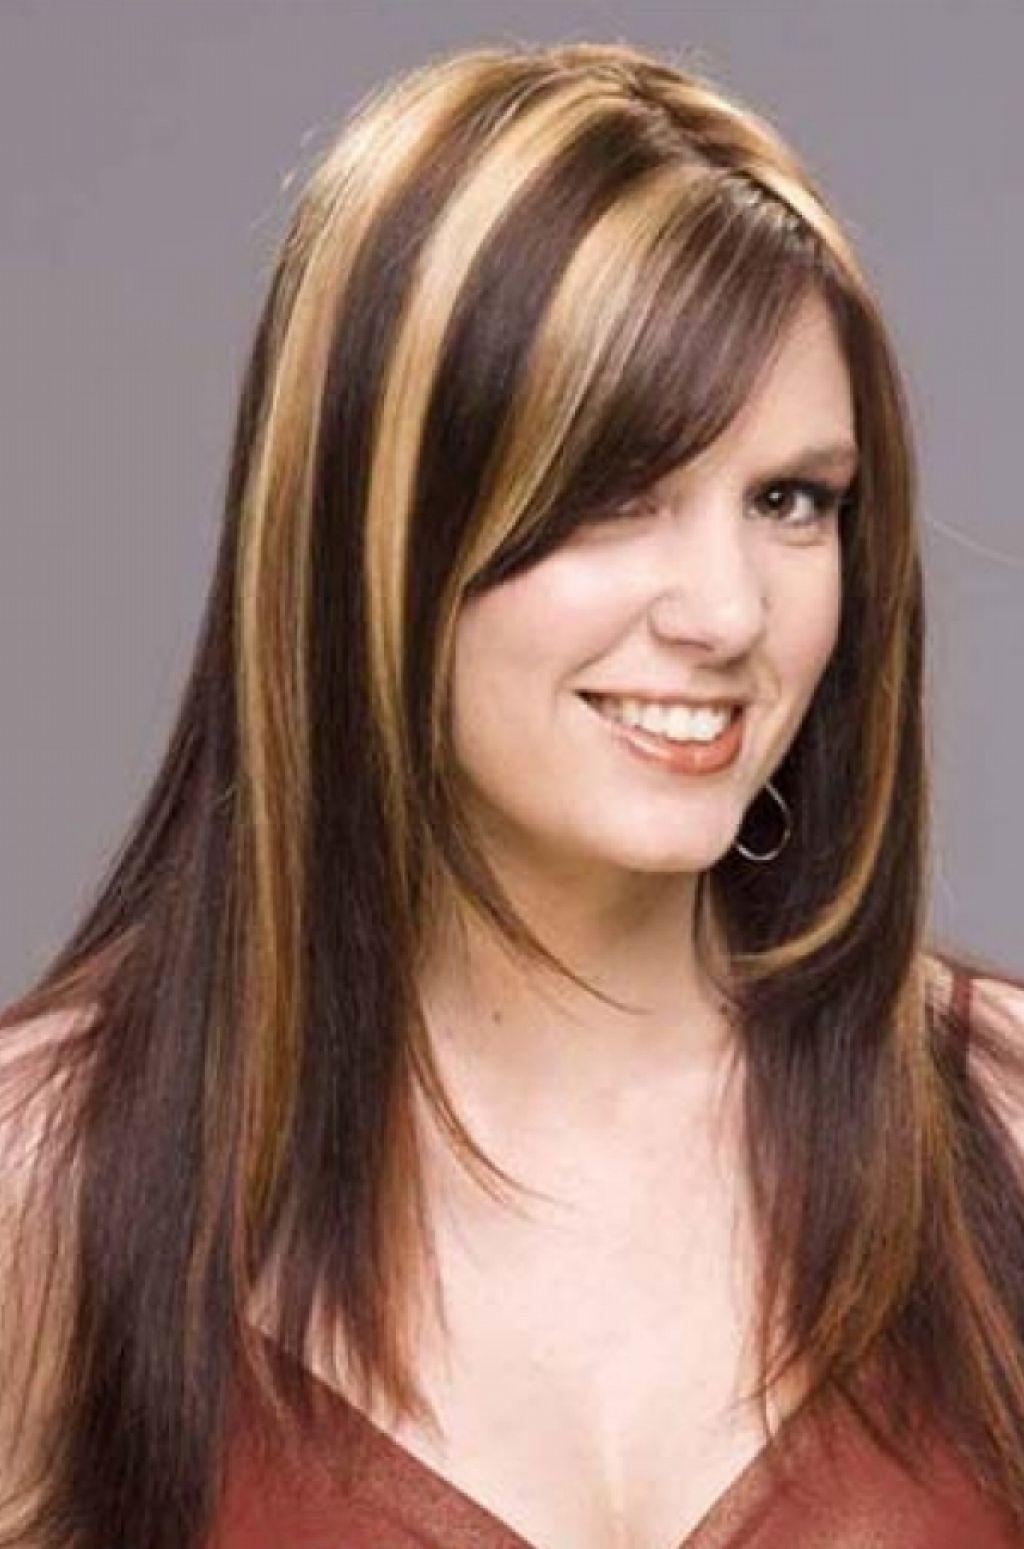 cute hair color highlights ideas hair pinterest color